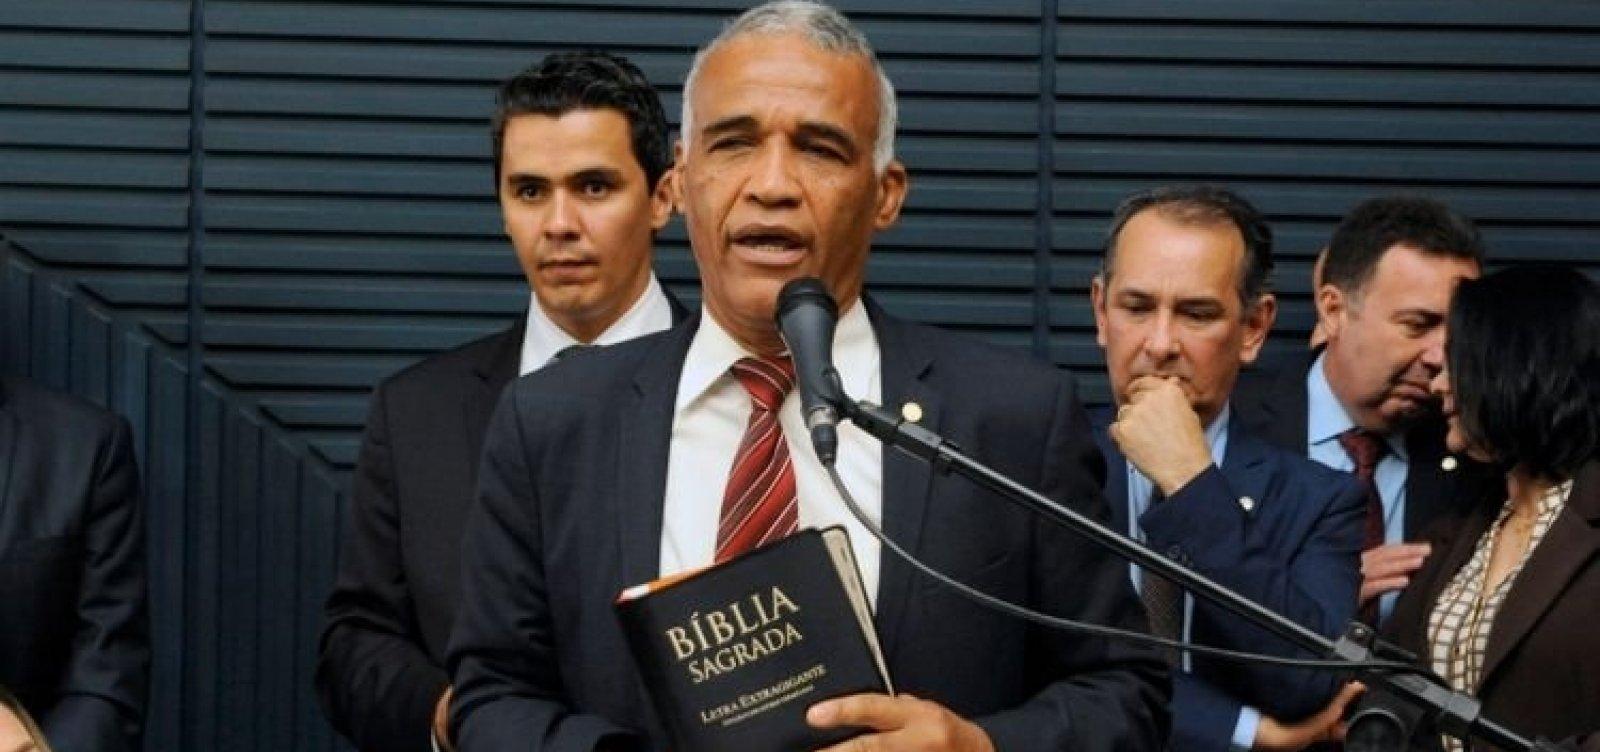 Cinco deputados baianos assinam recurso para barrar remédios à base de maconha